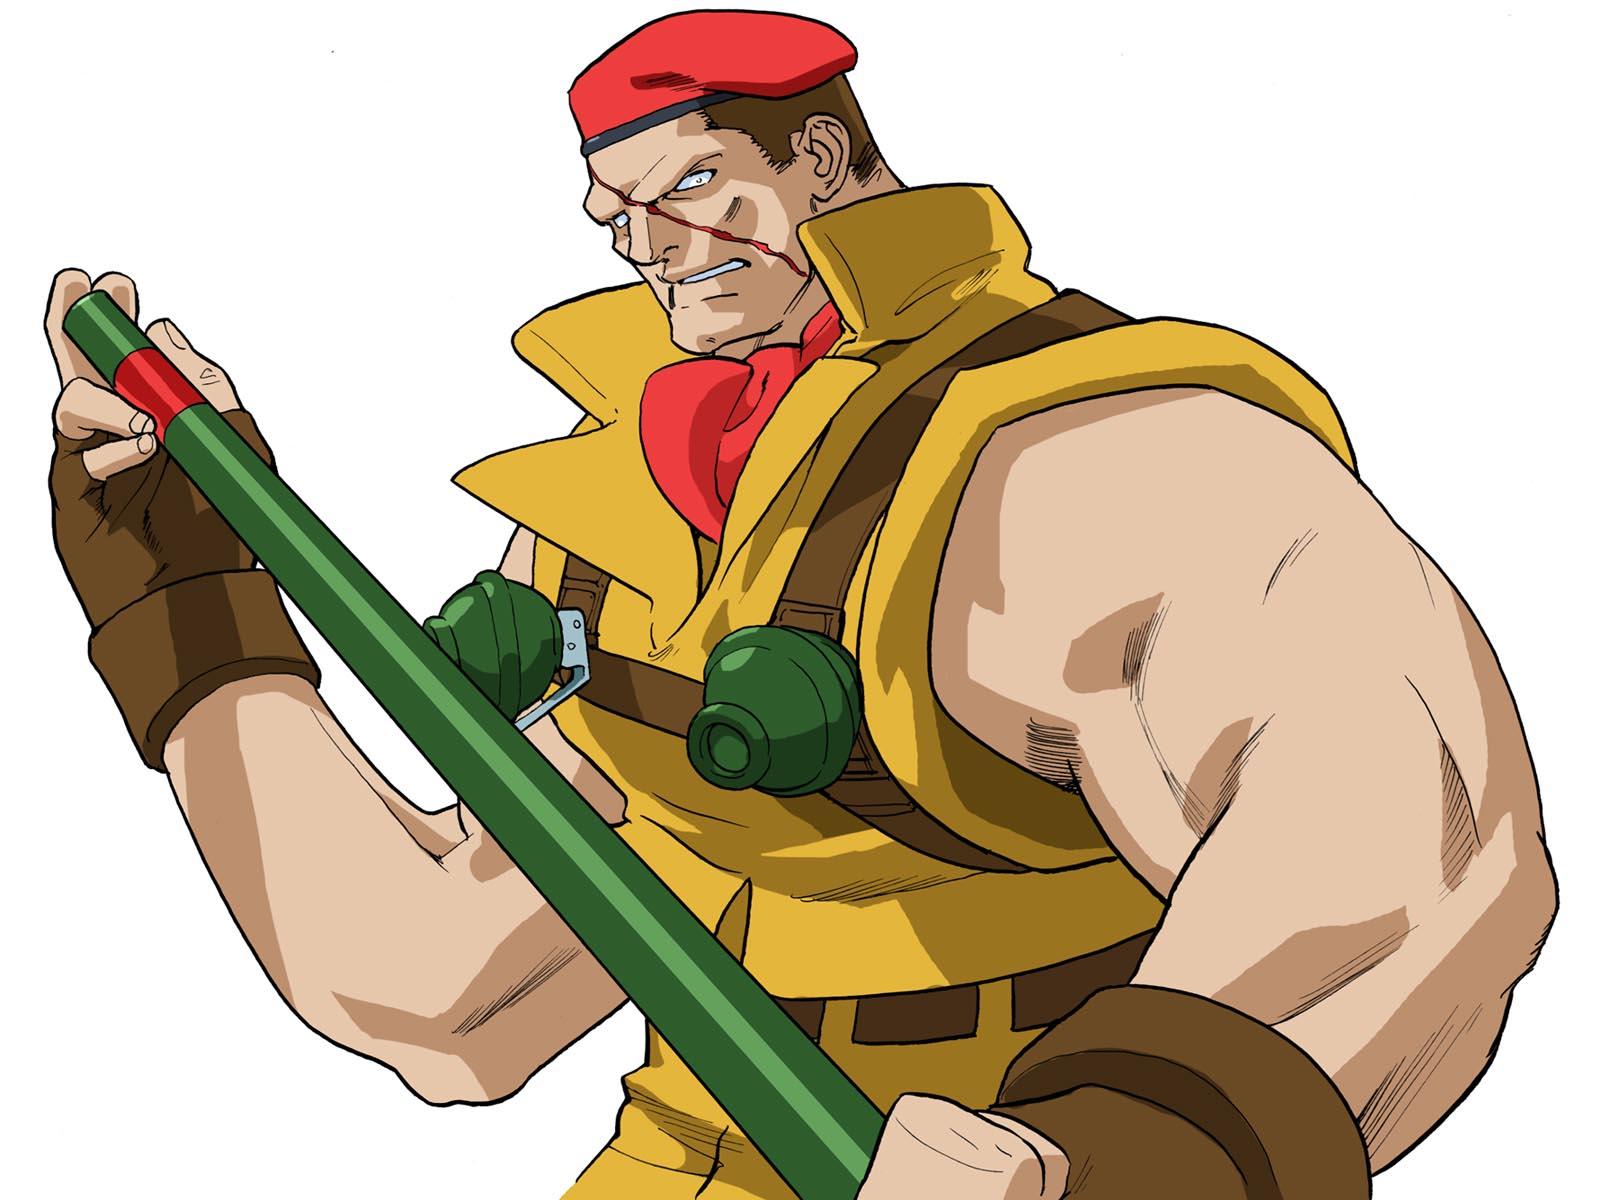 Street fighter alpha clipart.